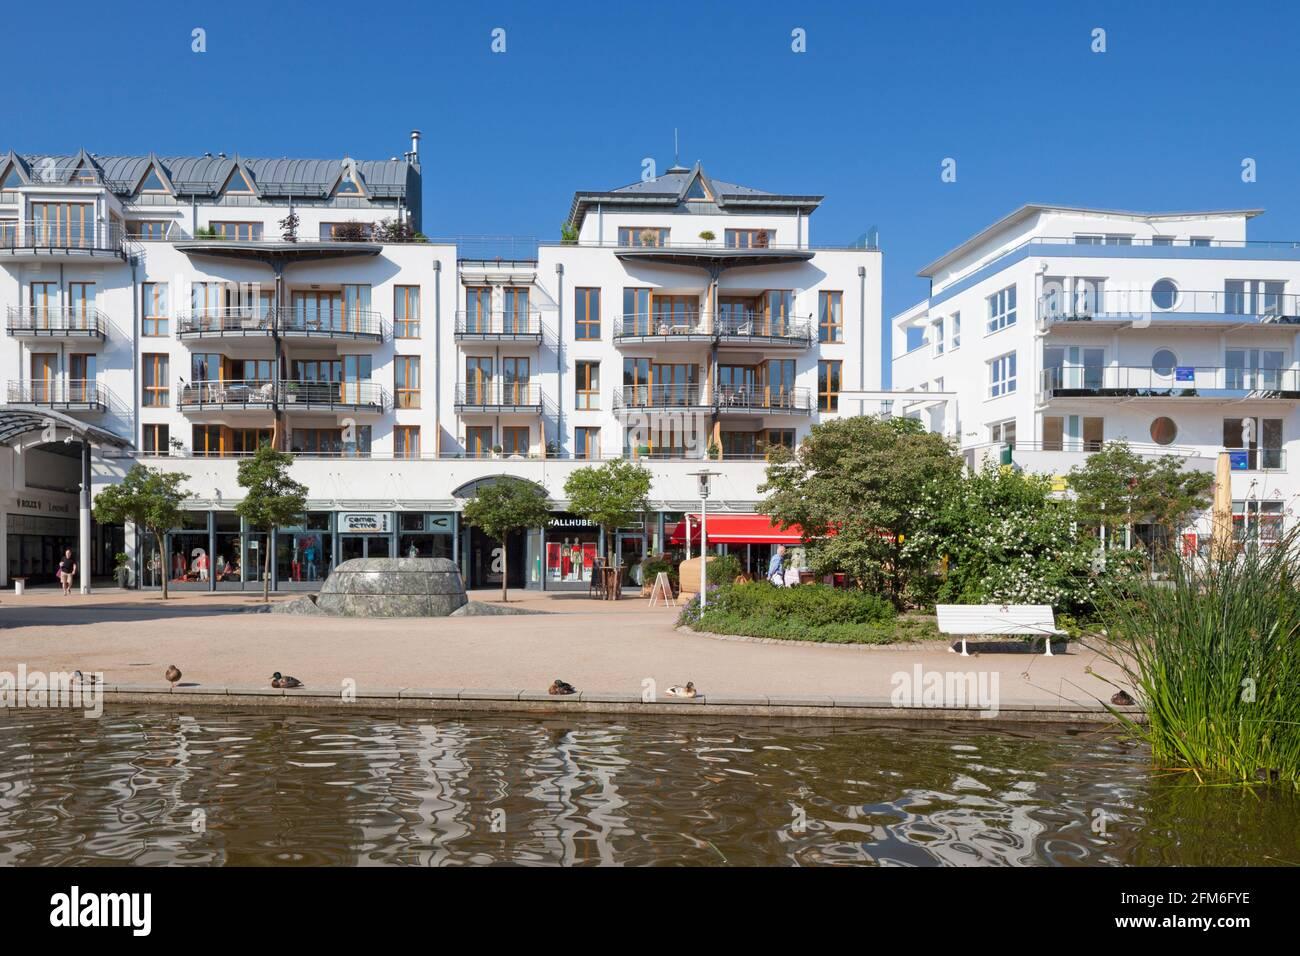 Promenade avec boutiques et appartements à Timmendorfer Strand / Plage Timmendorf le long de la mer Baltique, Ostholstein, Schleswig-Holstein, Allemagne Banque D'Images